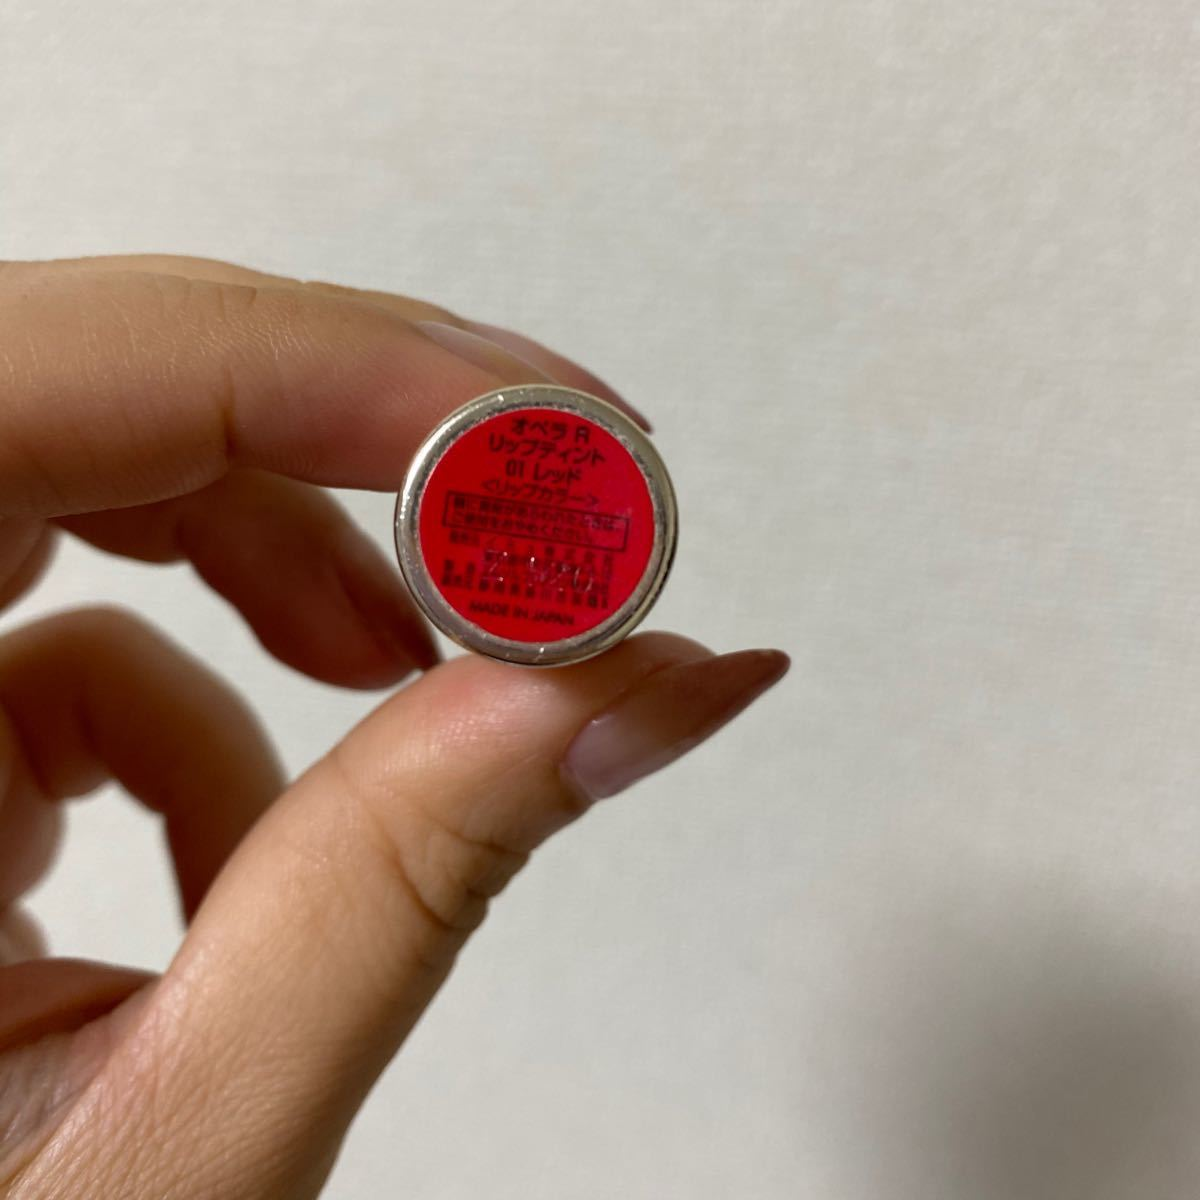 オペラ オペラリップティント レッド 01 口紅 コスメ